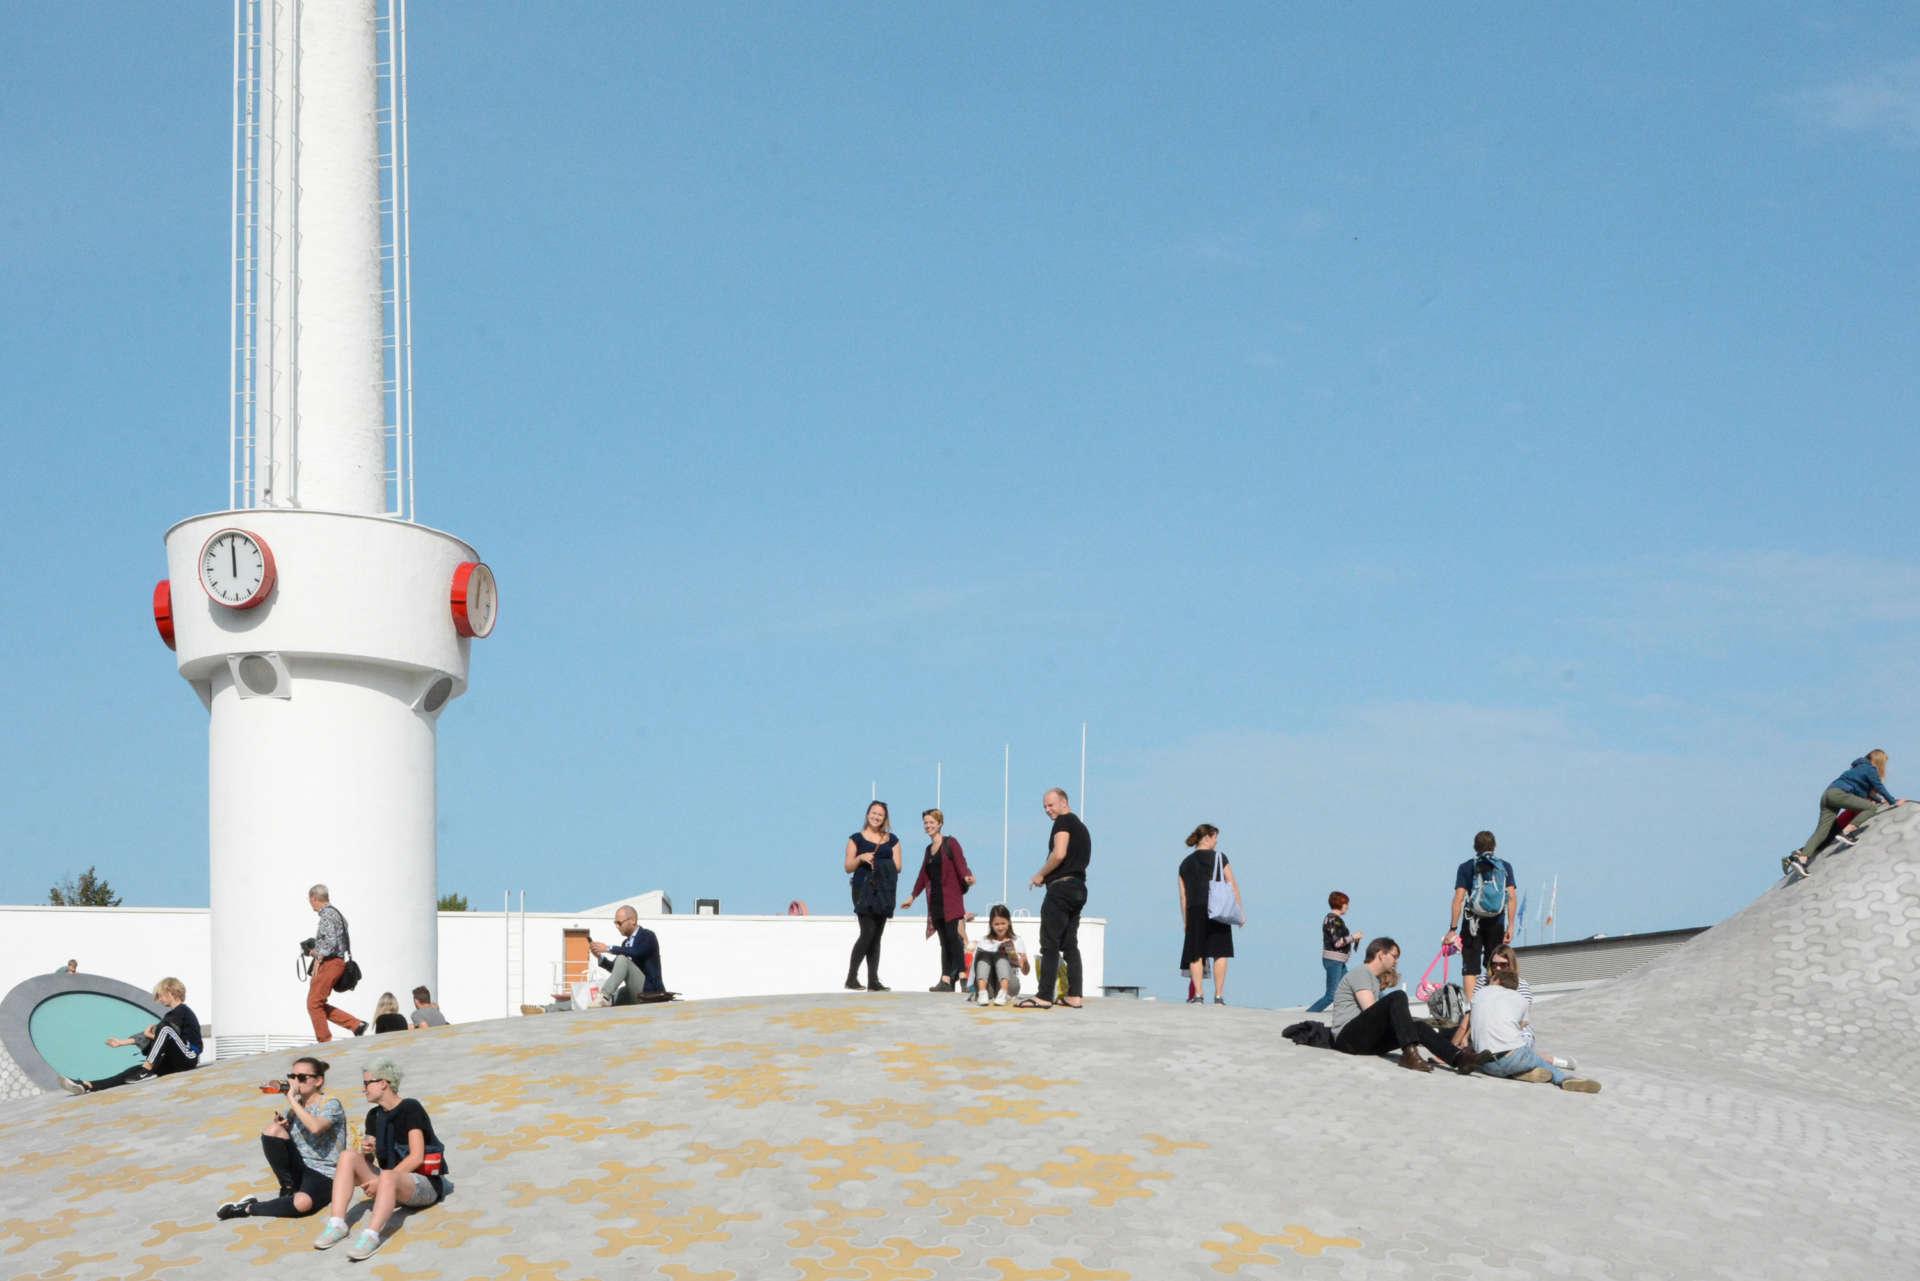 Helsinki: großer Platz mit Menschen